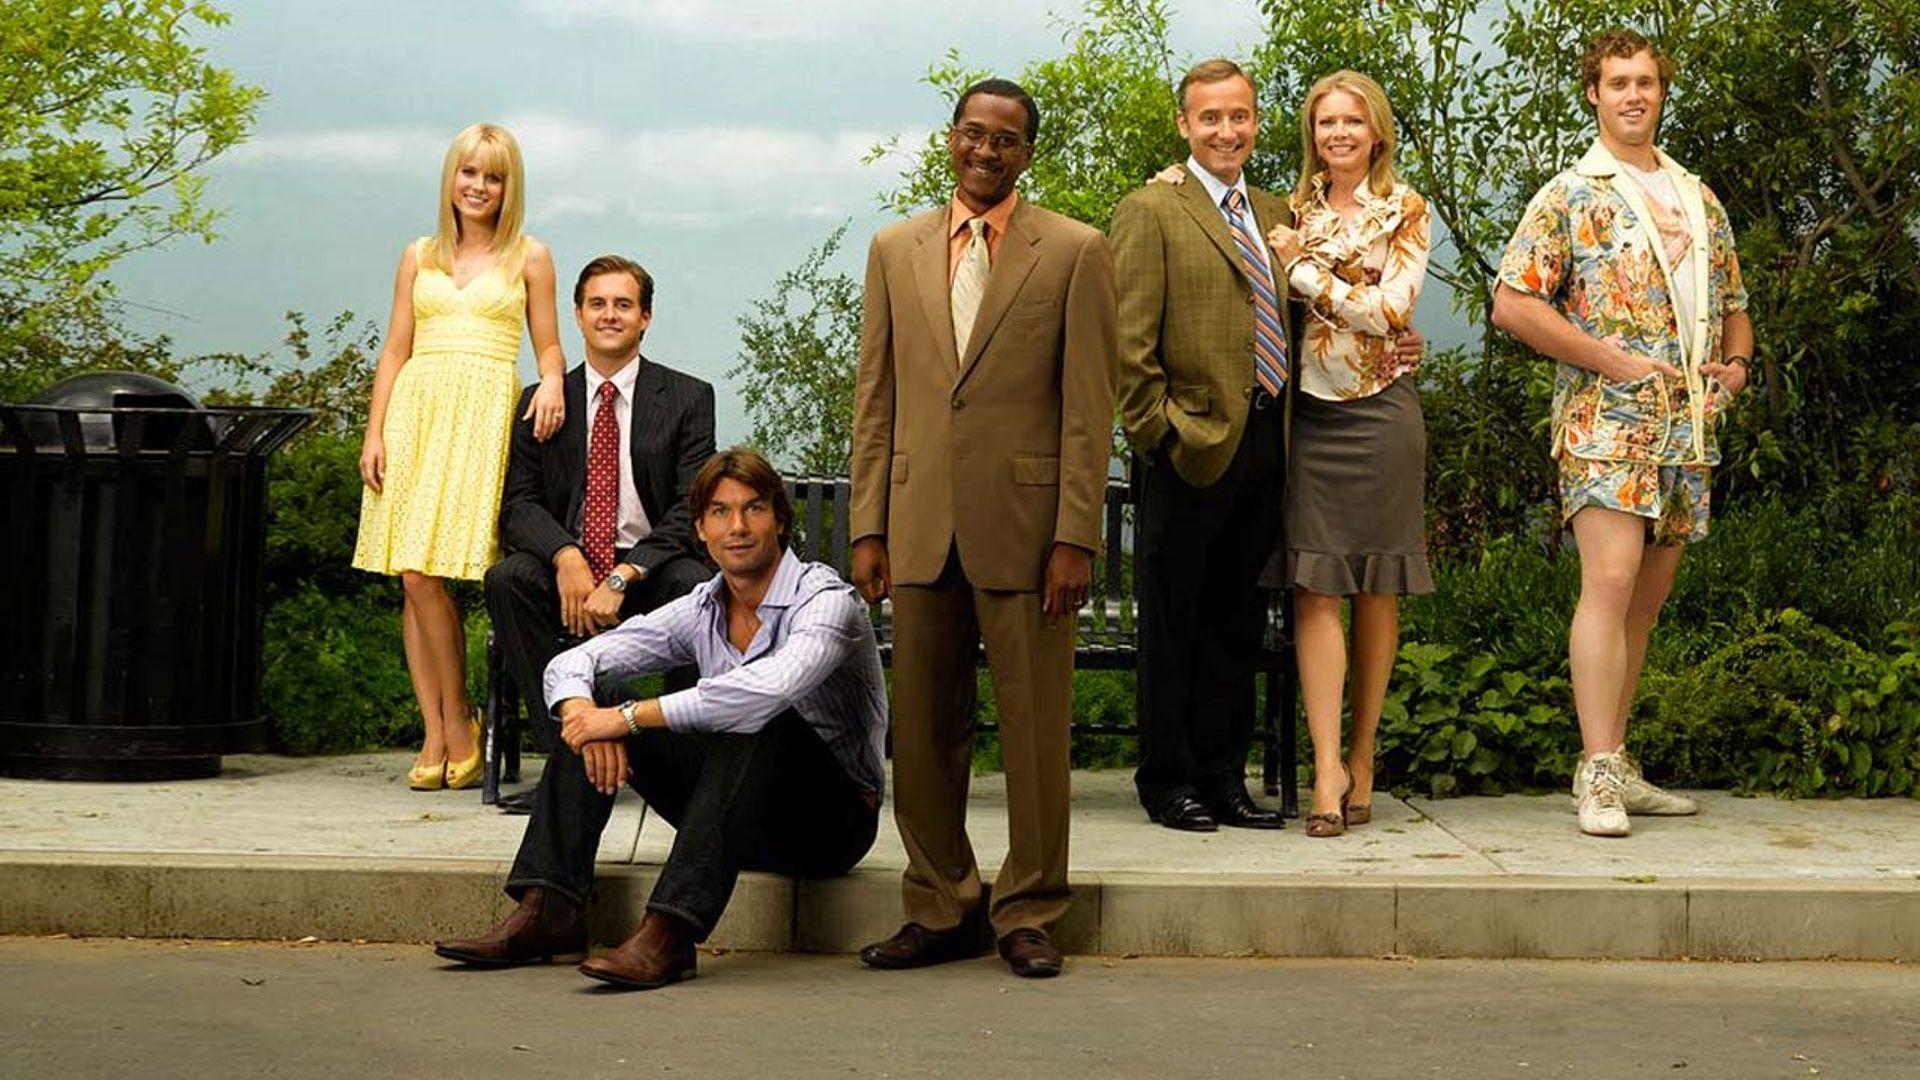 Season 01, Episode 07 The Seminar